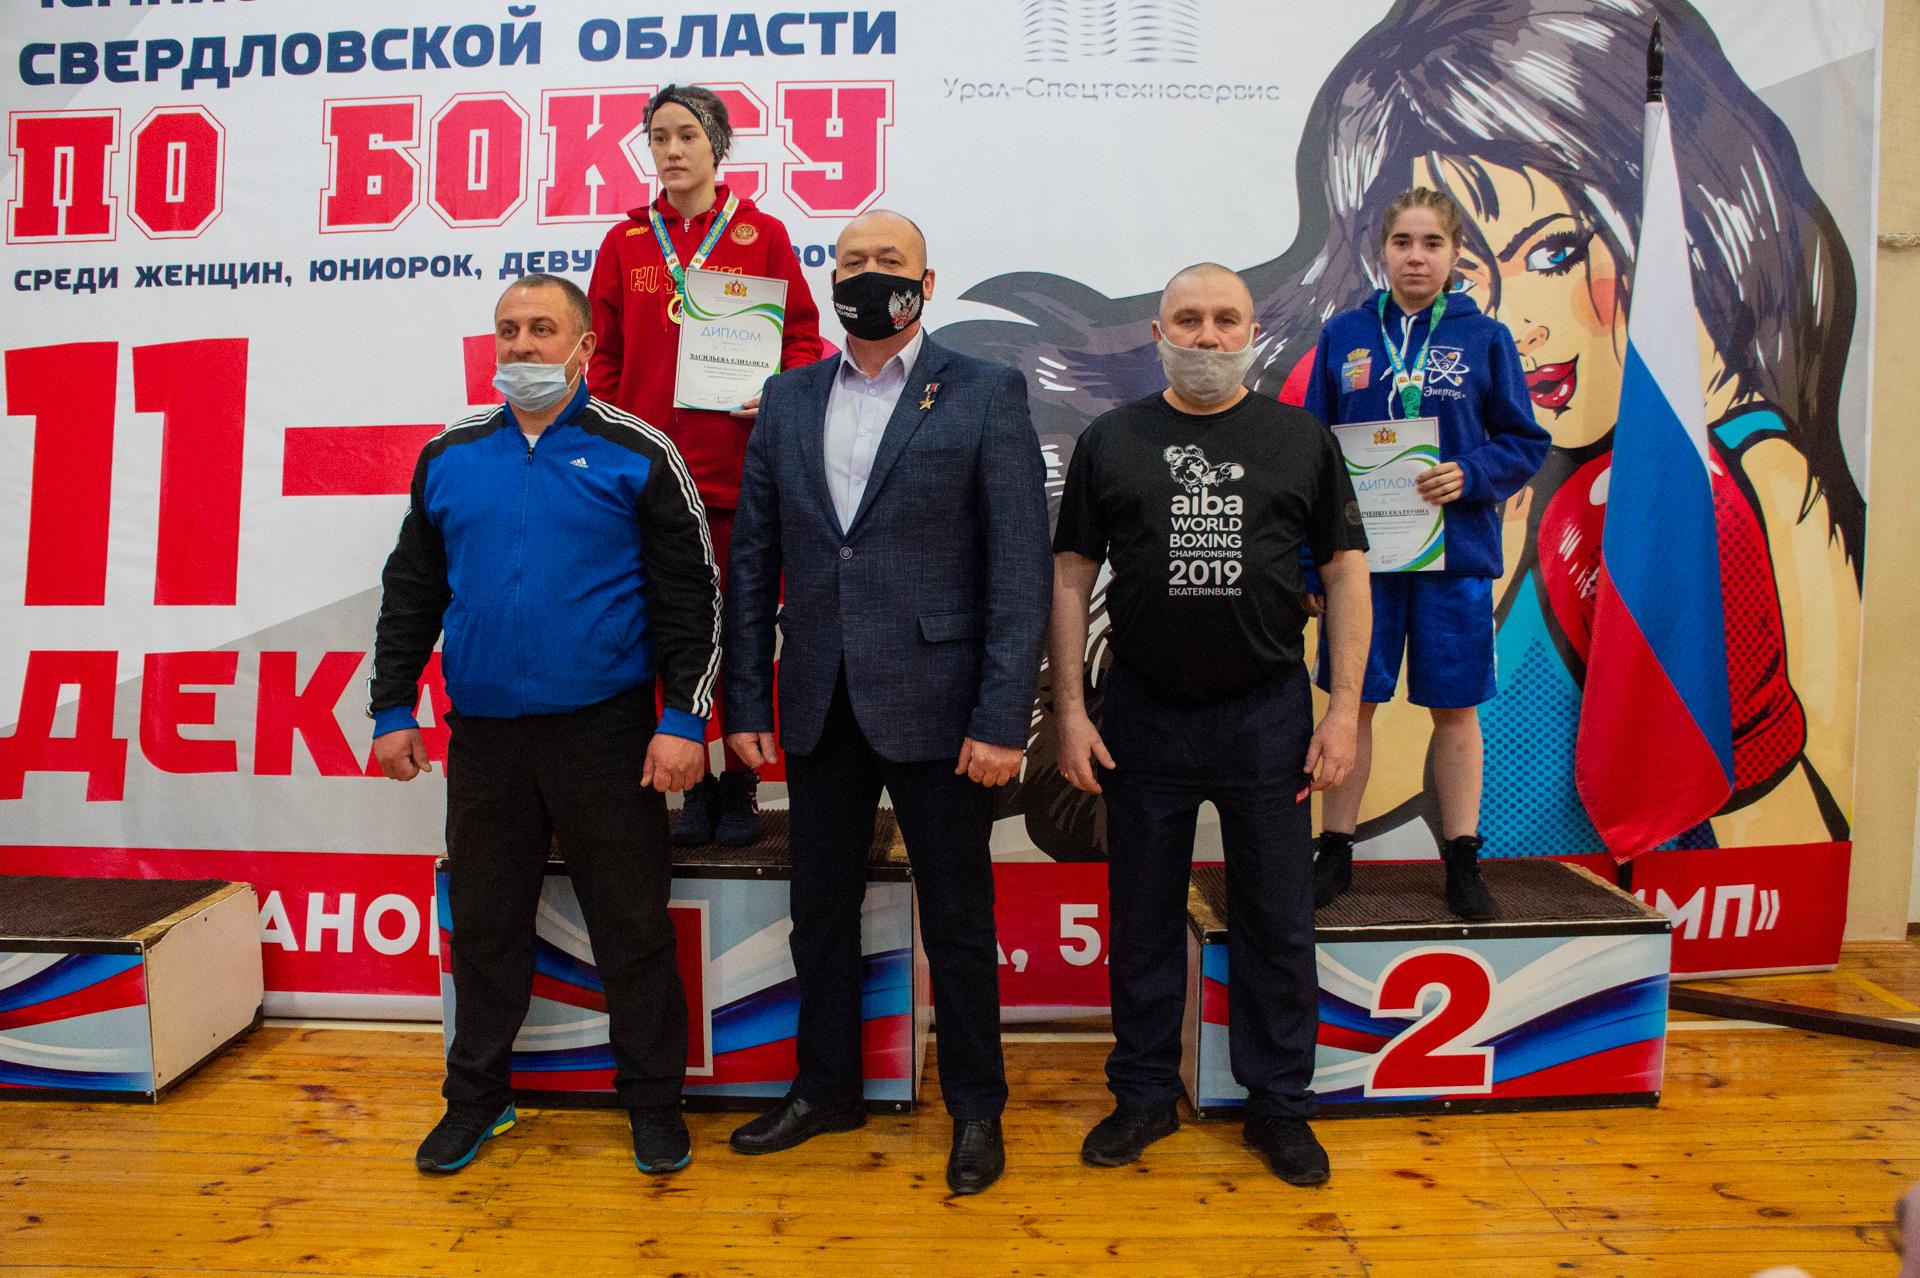 Первенство и чемпионат Свердловской области среди женщин, юниорок, девушек и девочек